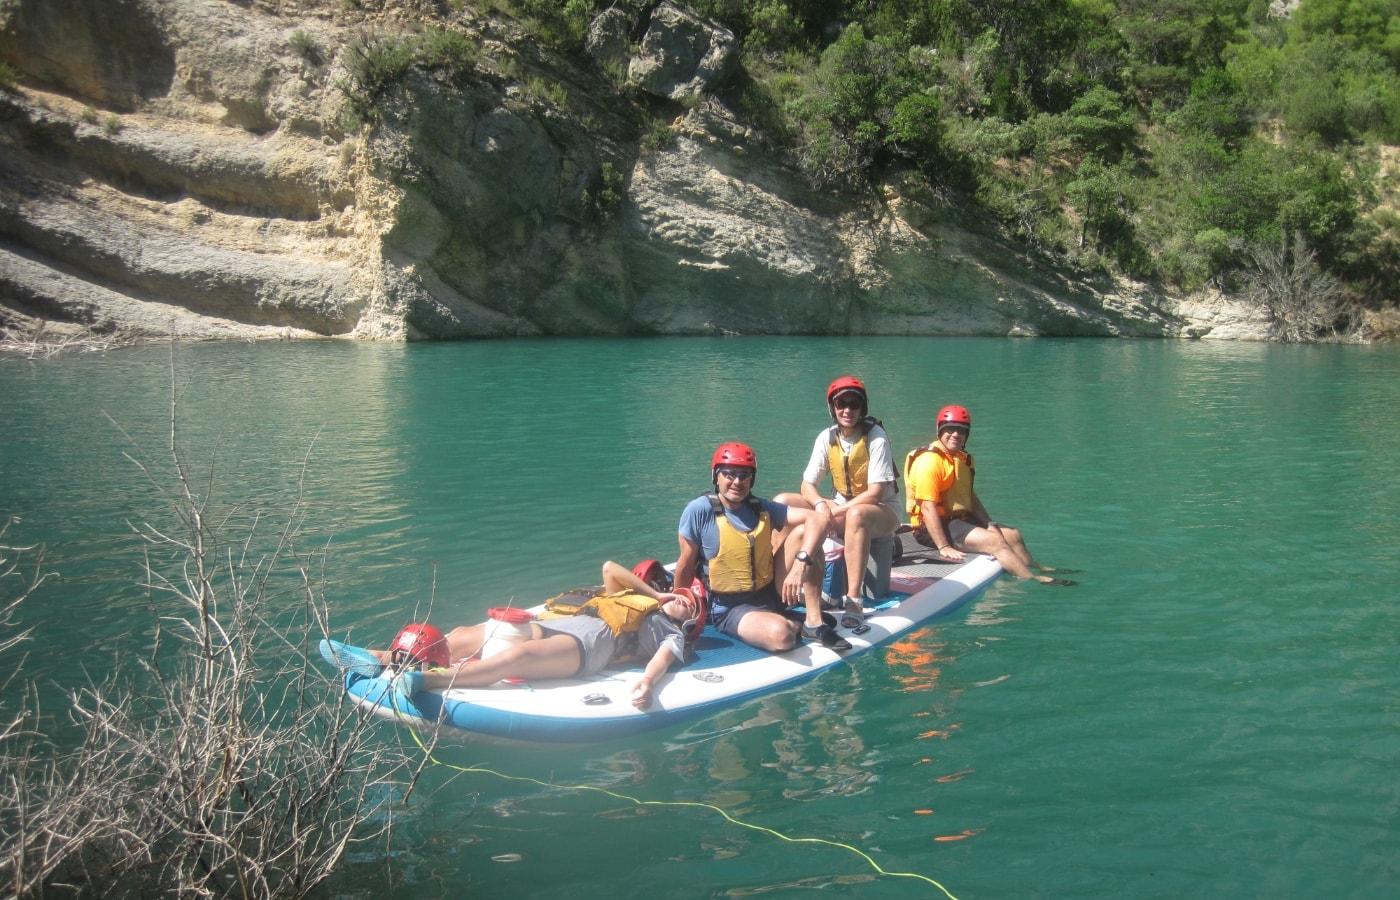 galeria-paddle-surf-kayak-mont-rebei